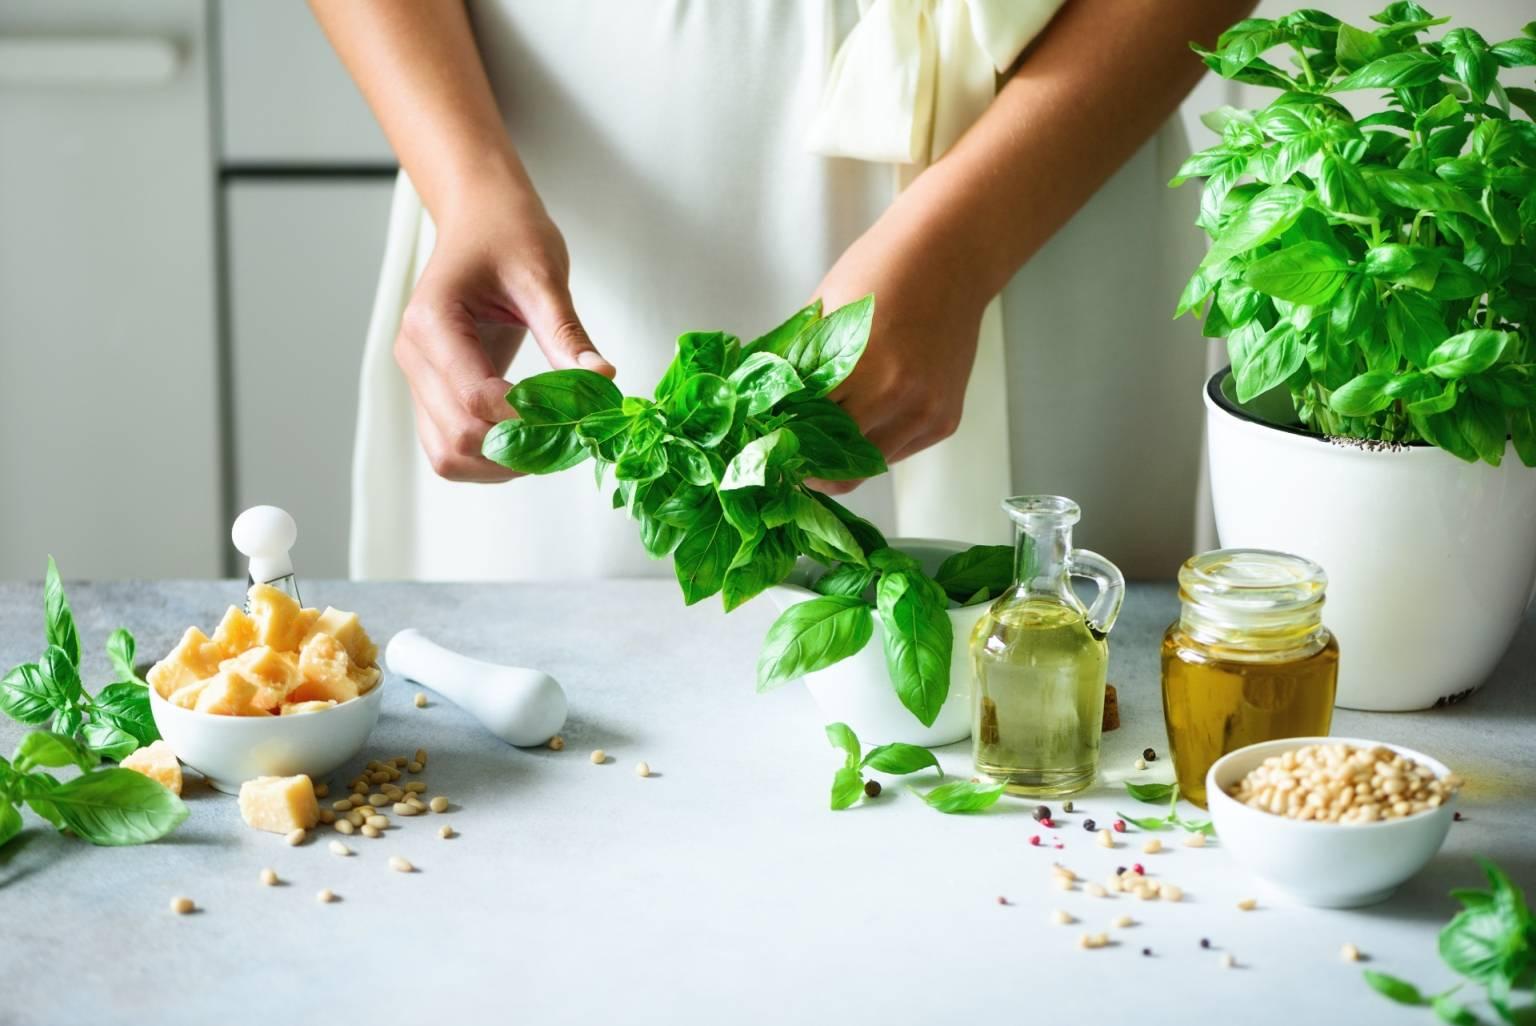 Kobieta przygotowuje posiłek w kuchni, trzyma w ręku bazylię. Na czym polega wegetarianizm?